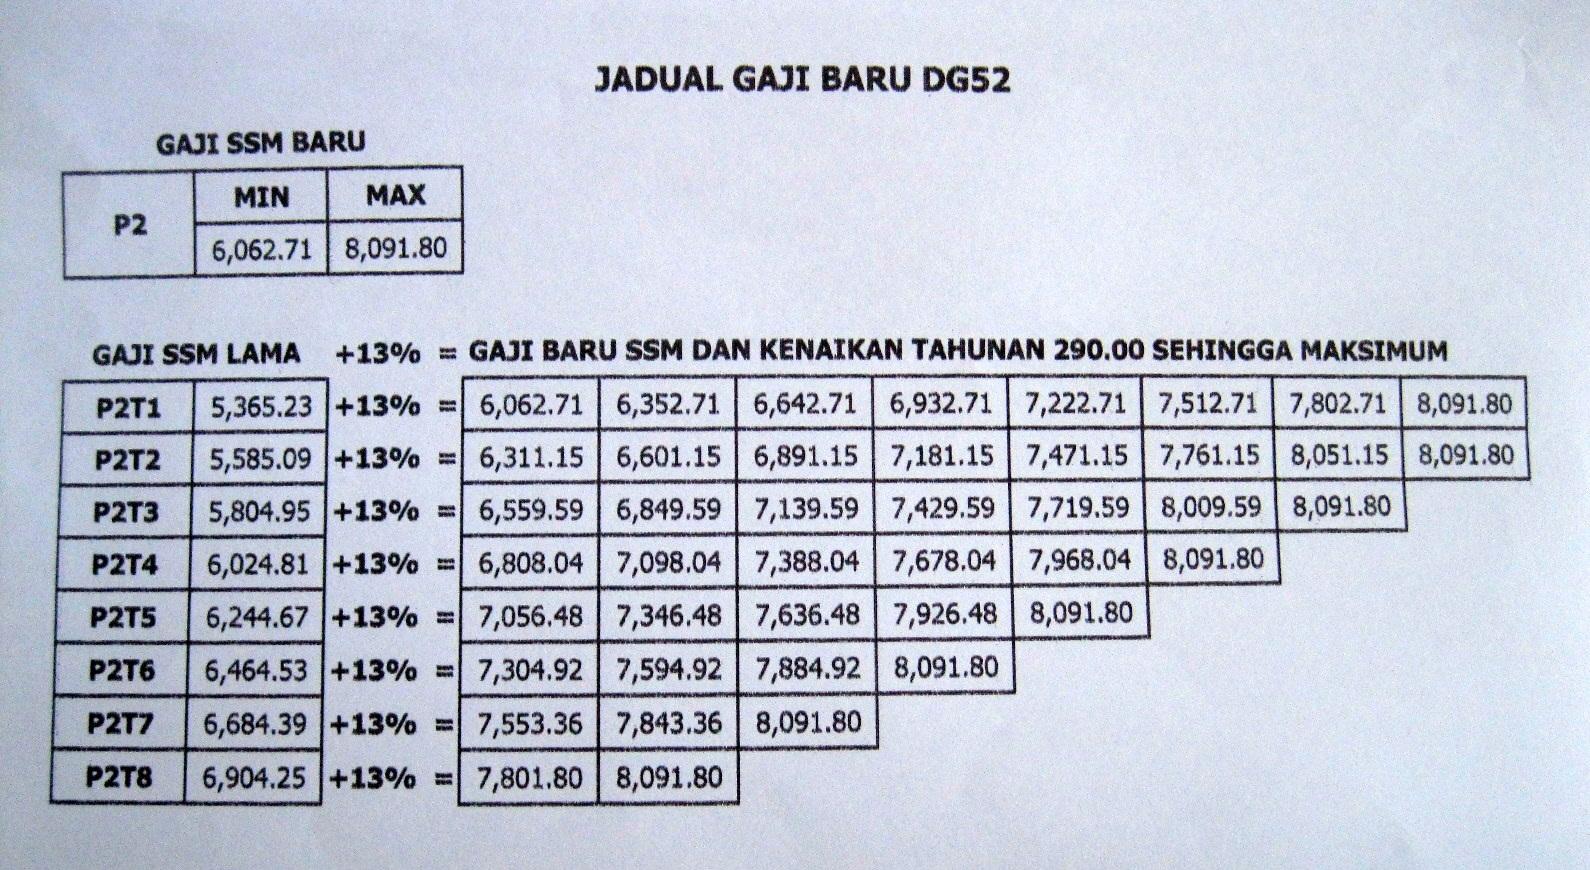 Jadual Gaji 2020 Tarikh Pembayaran Gaji Penjawat Awam Kerajaan Appjawatan Malaysia